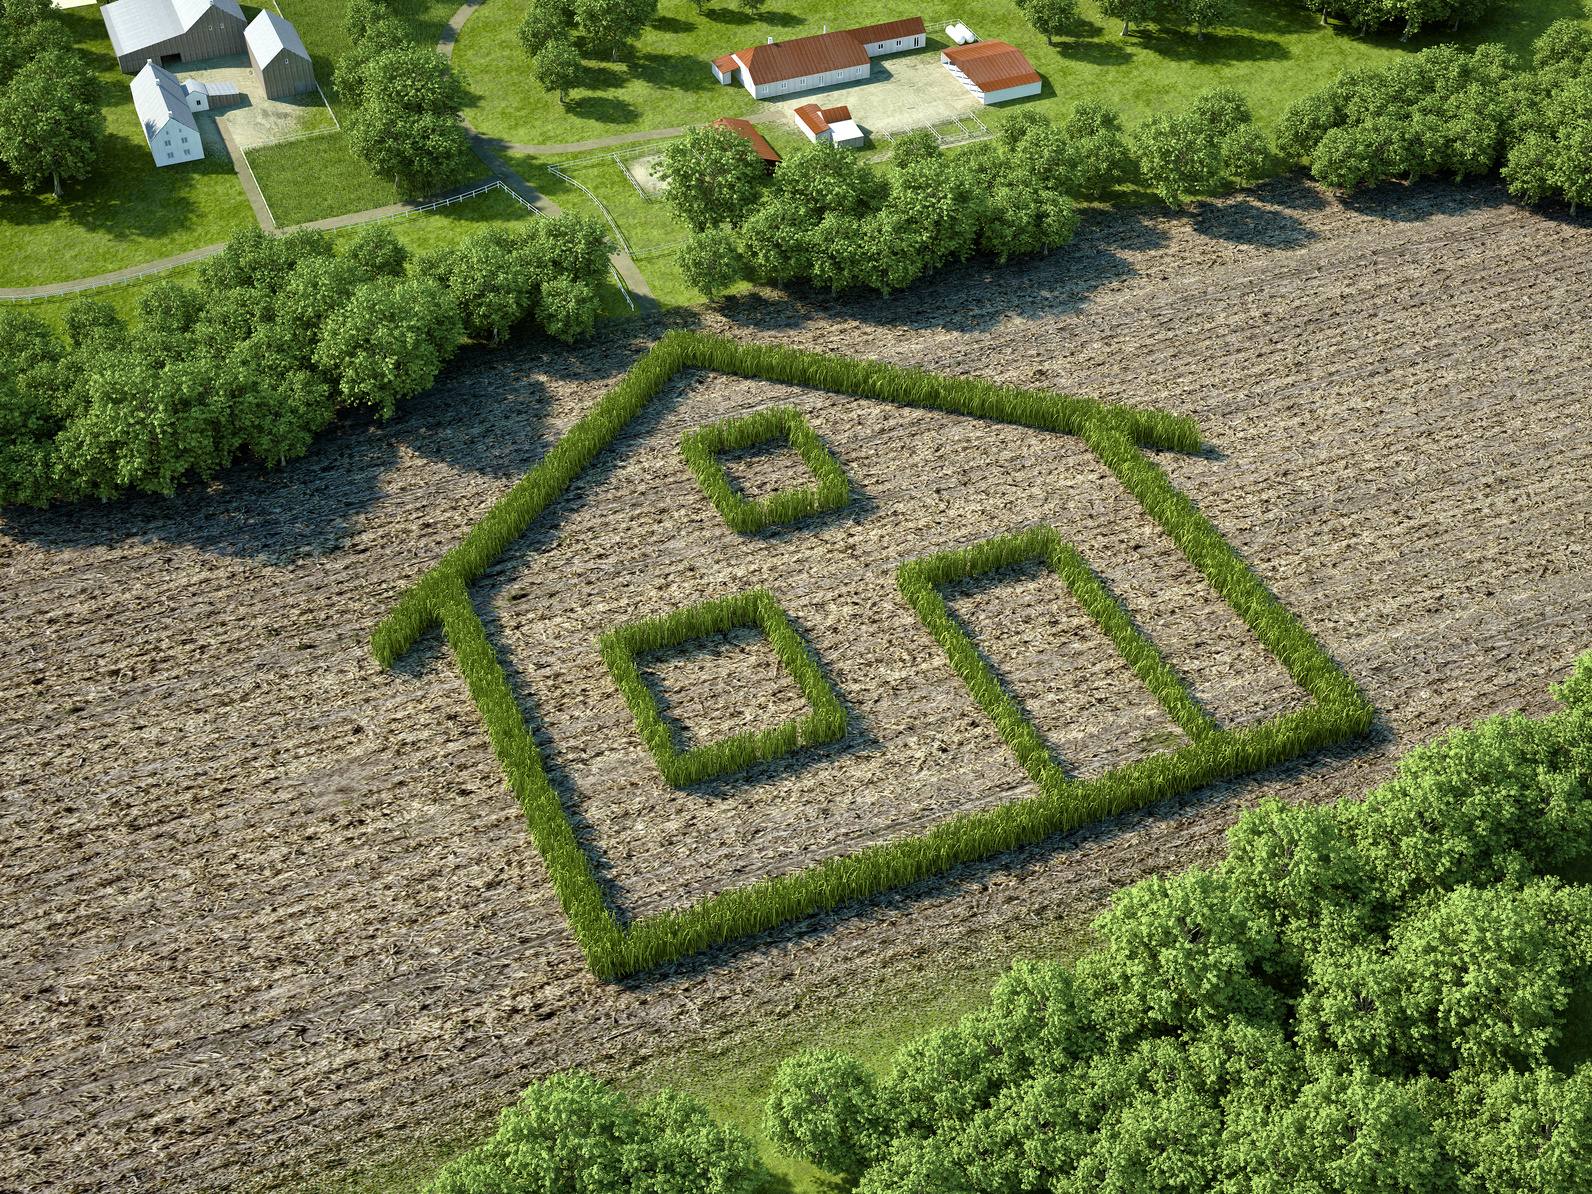 Comment faire pour acheter une maison beautiful tuto for Acheter un terrain pour construire